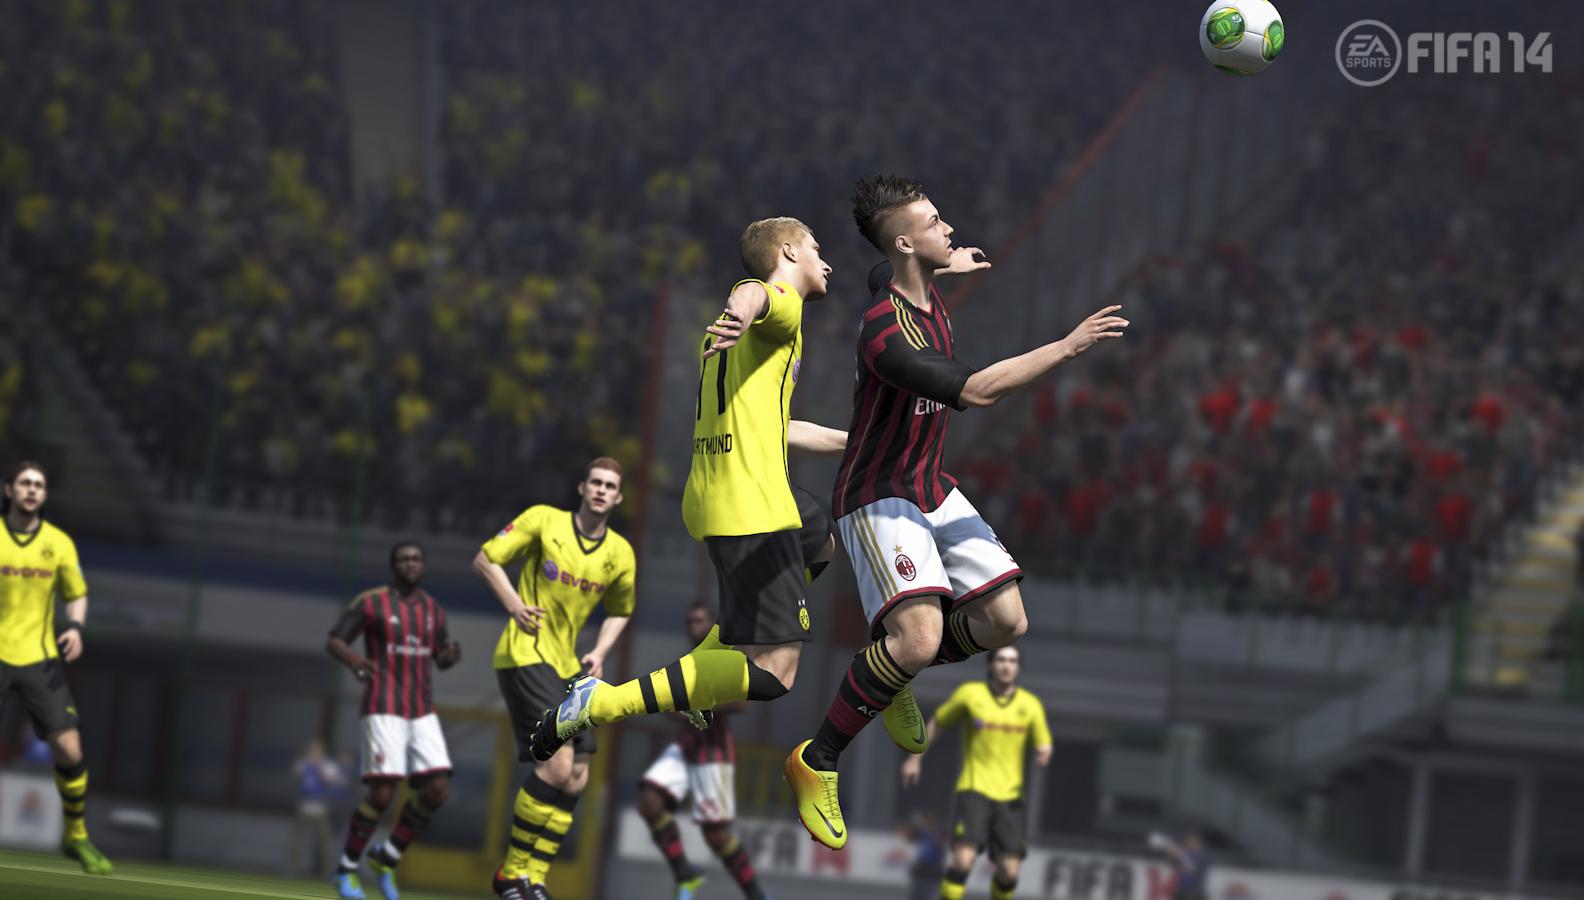 FIFA-14 07101023